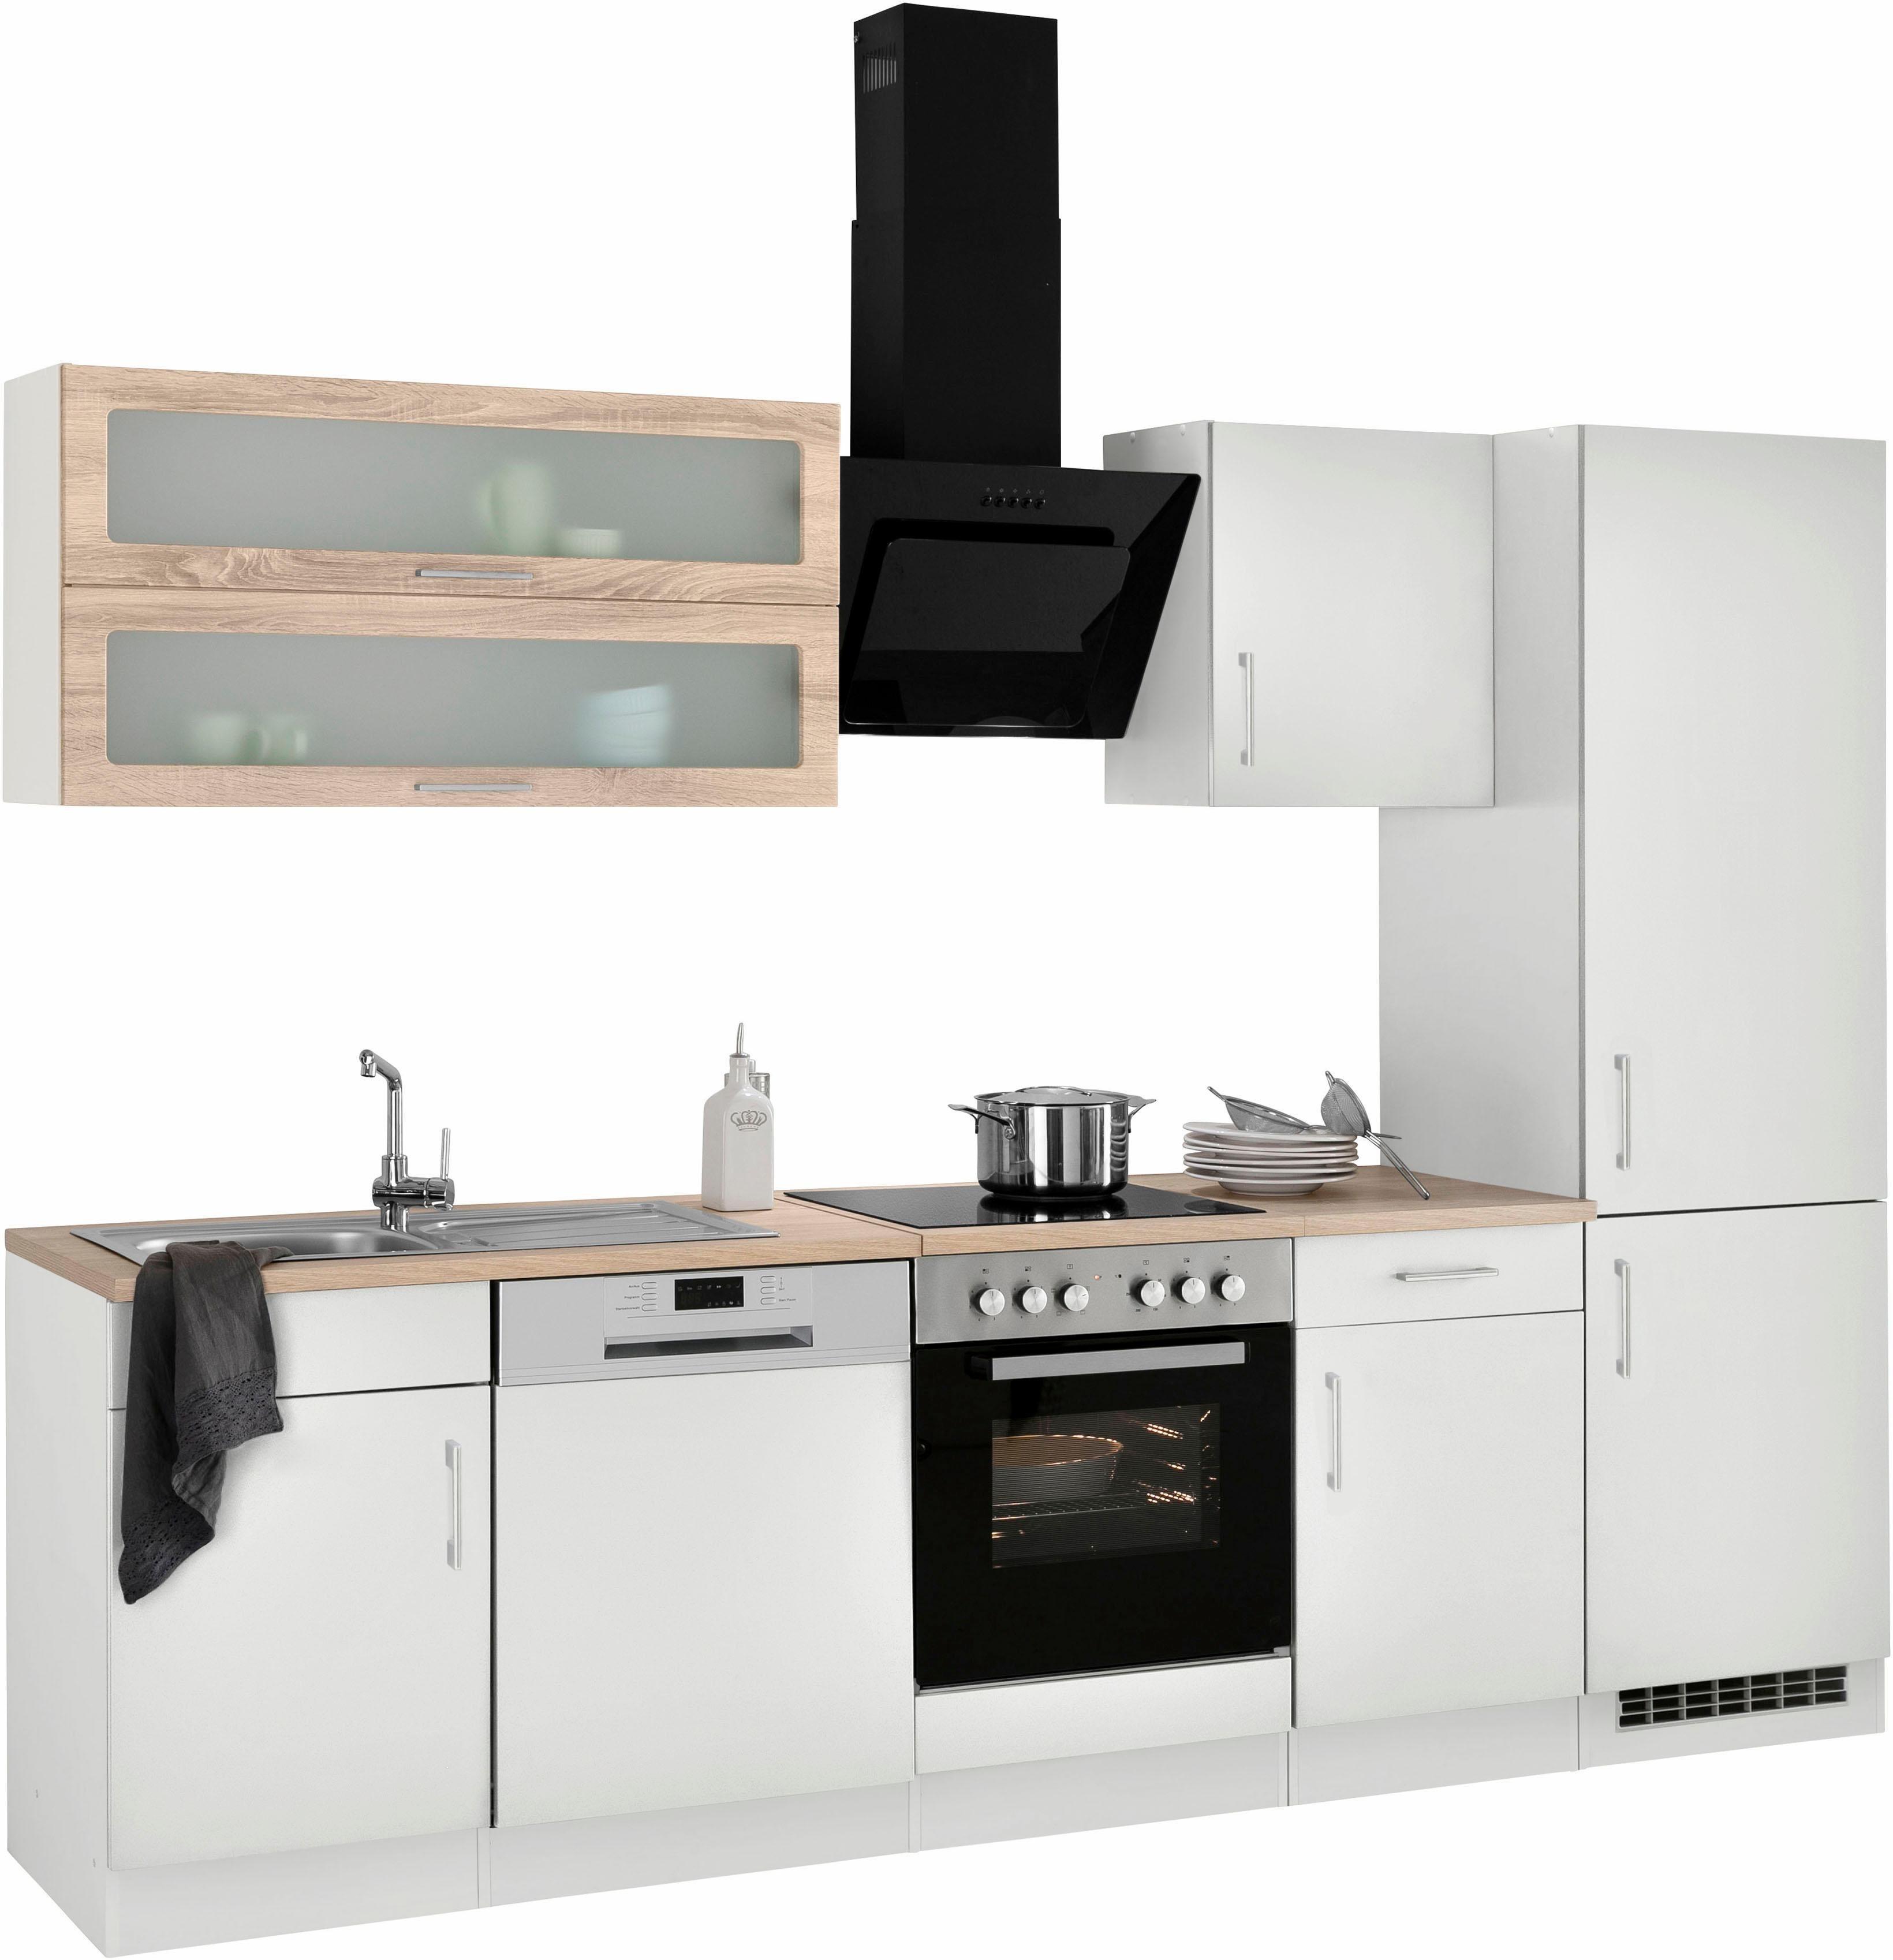 neff Küchenzeilen online kaufen | Möbel-Suchmaschine | ladendirekt.de